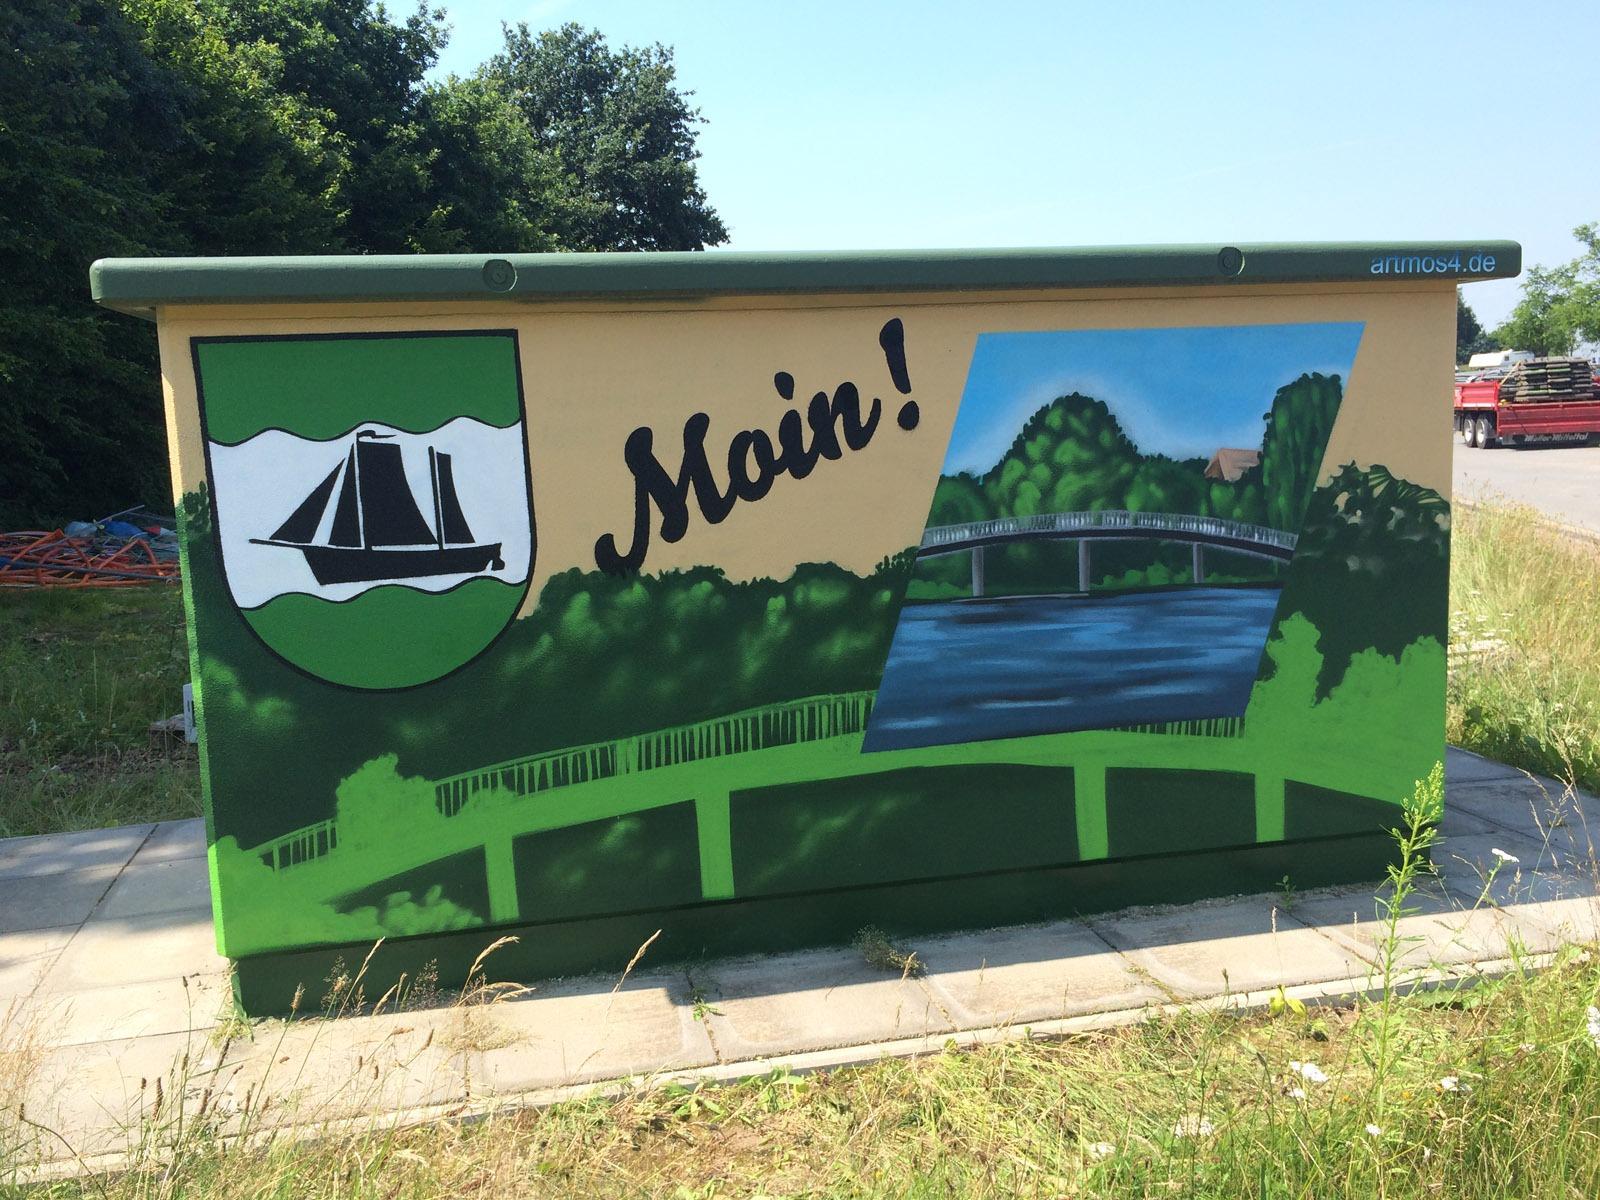 graffitiauftrag-graffitikuenstler-artmos4-hansewerk-2016-landschaft-schrift-wappen-gruen-beige-illustrativ-aussen-energieversorger